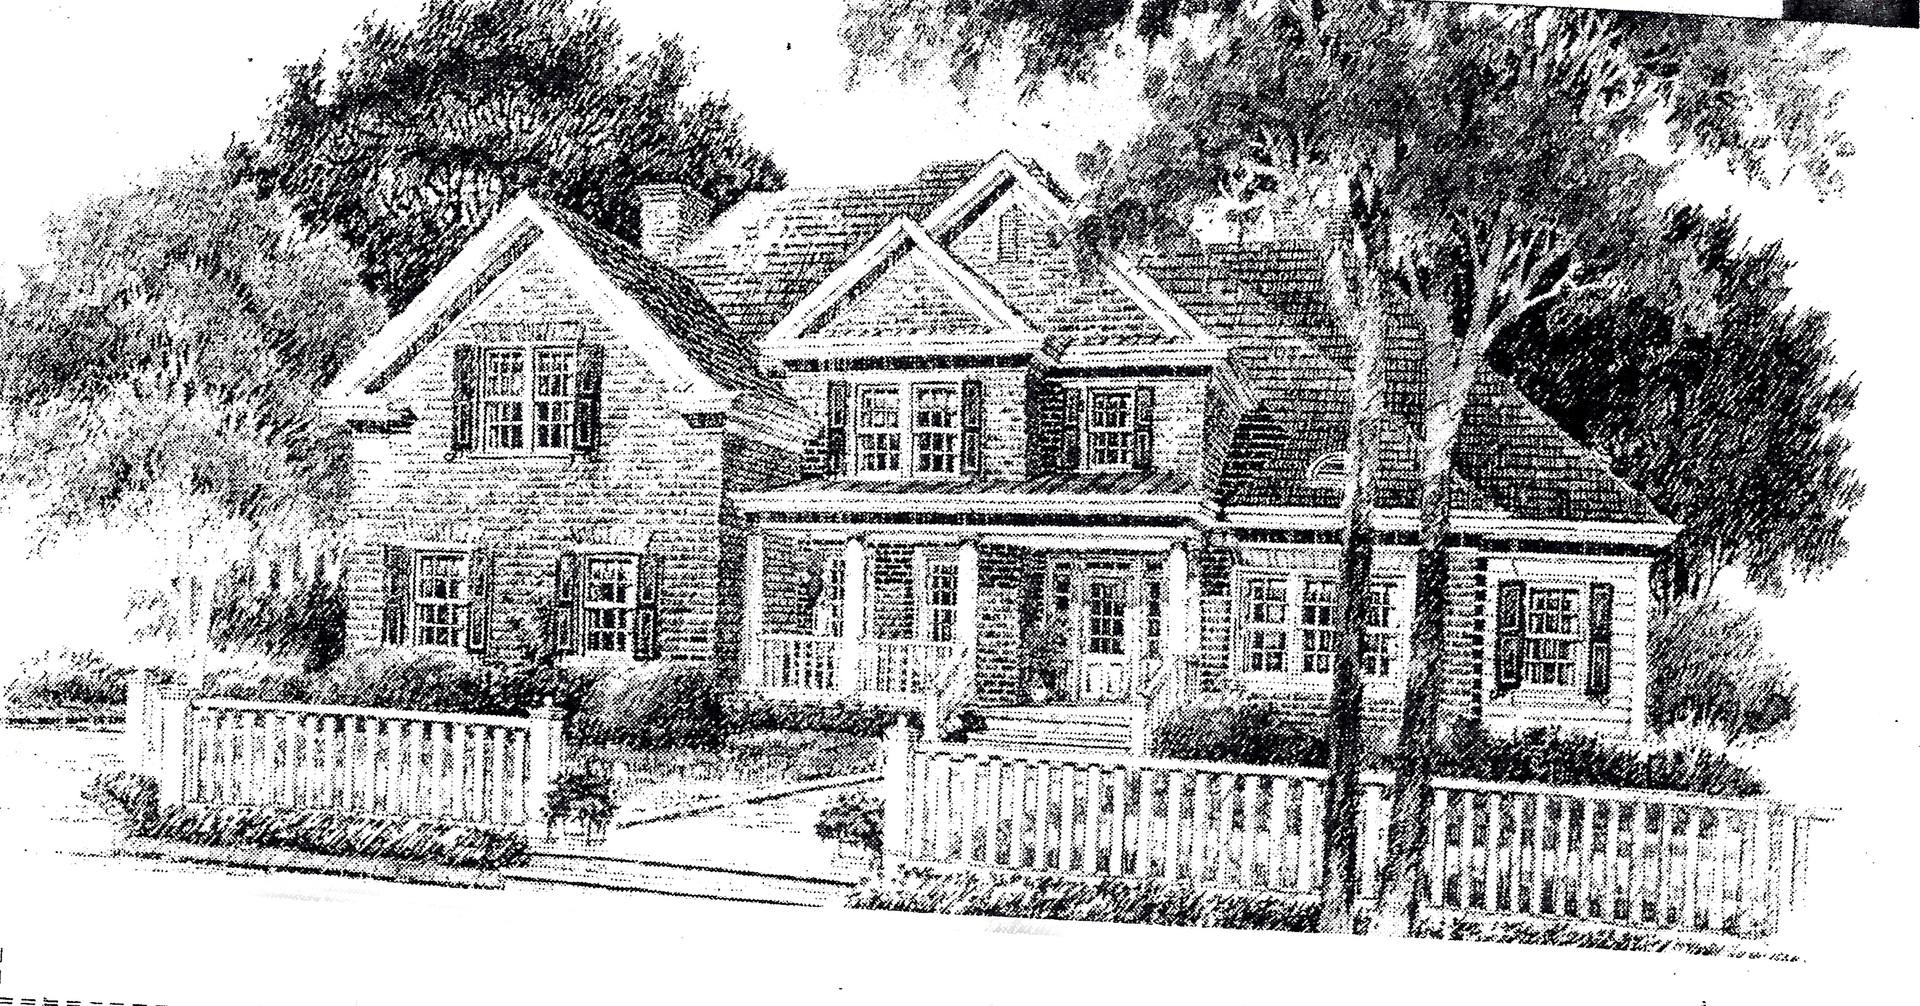 17420 Pin Oak Lane, Gurnee, Illinois 60031